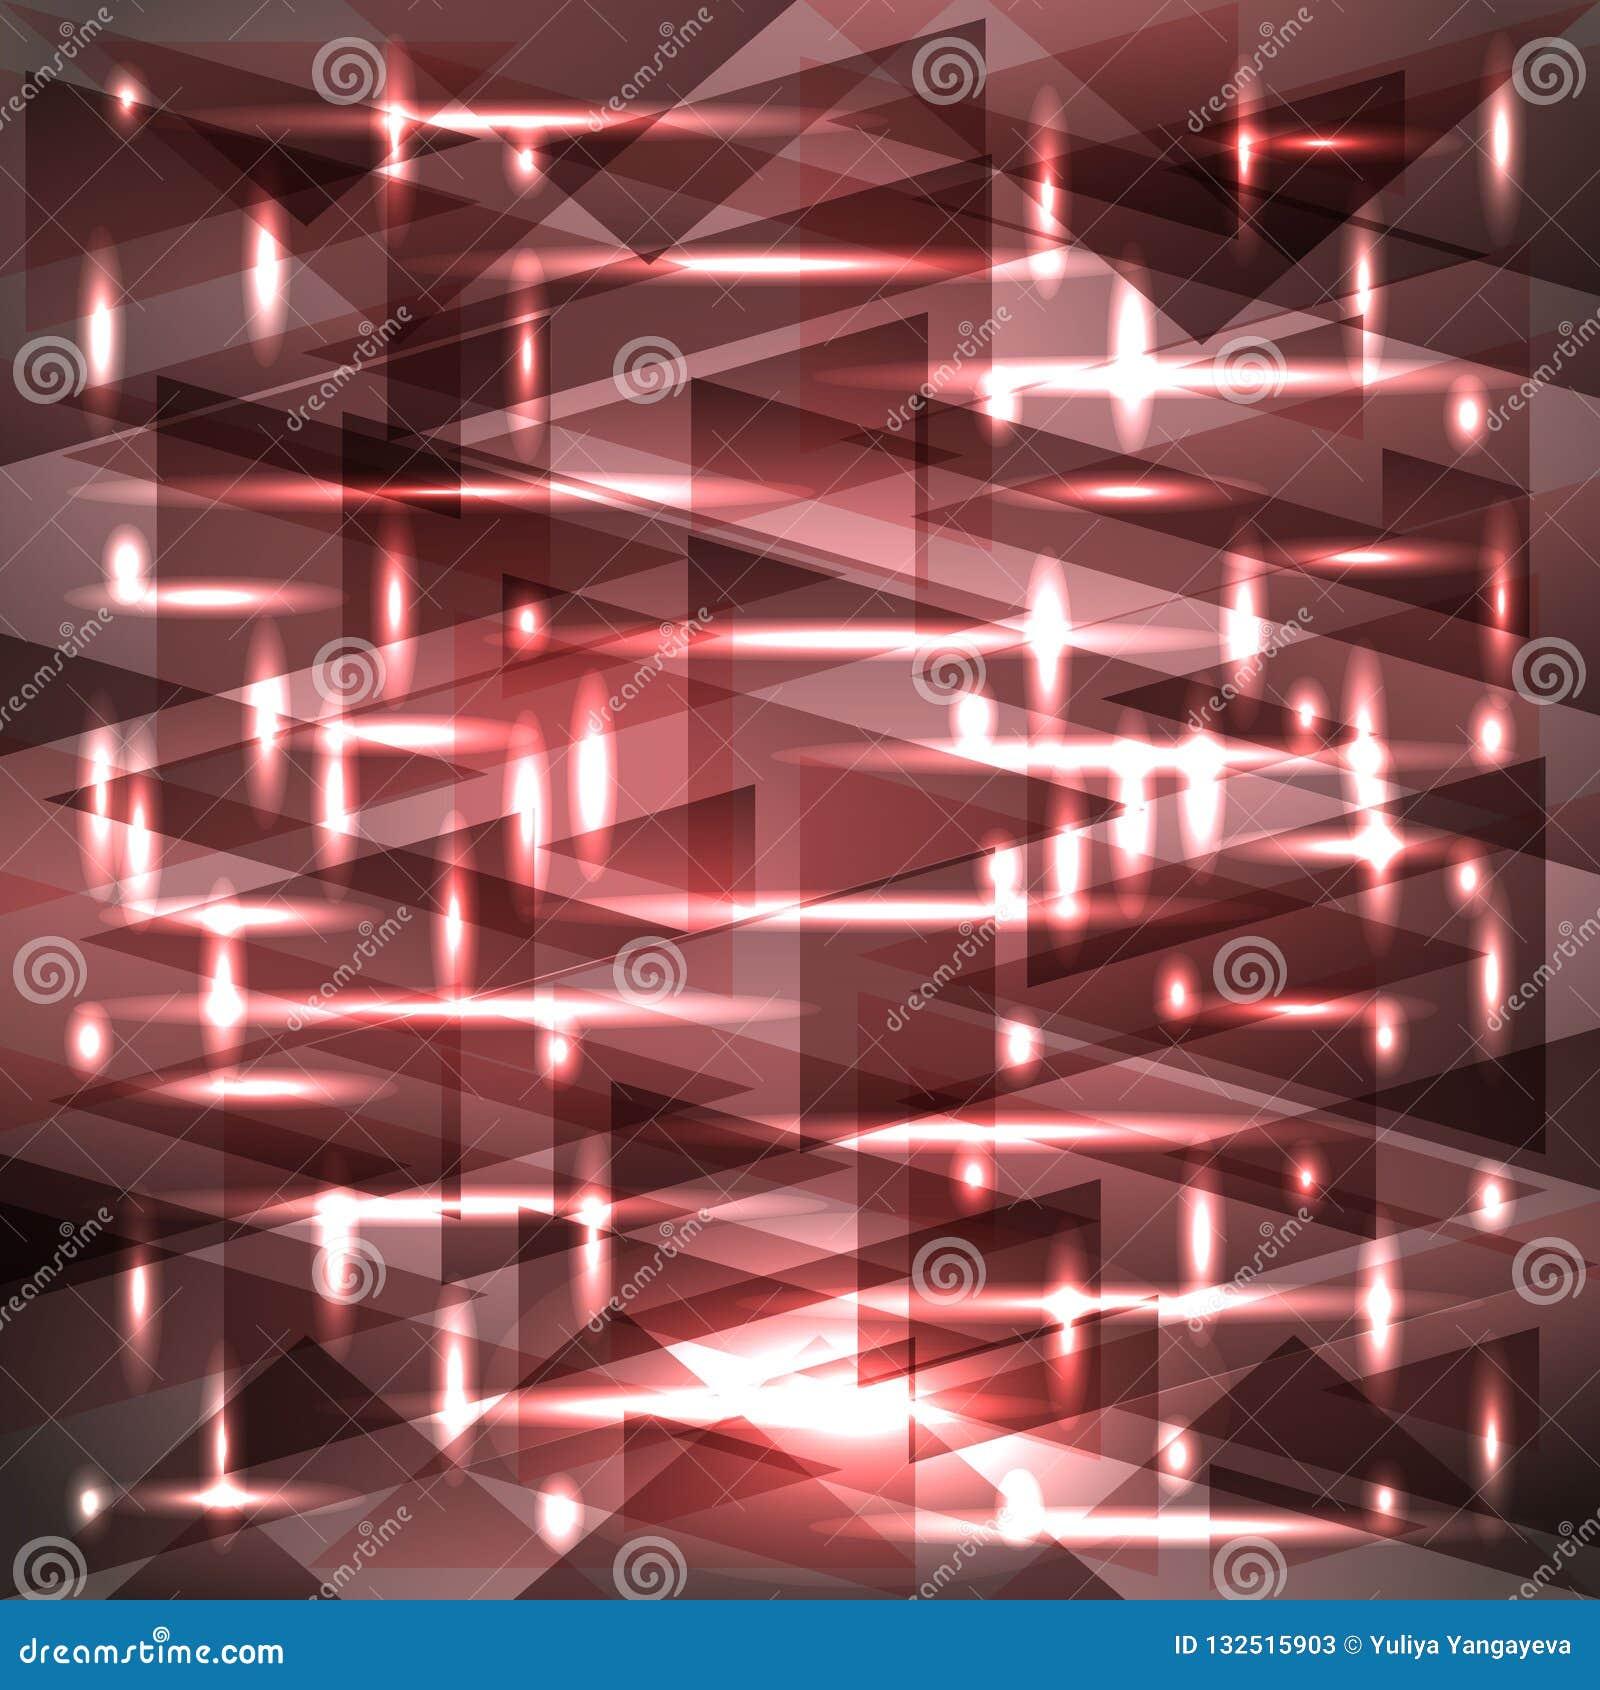 Vector glanzend modderig roze kleurenpatroon van scherven en stroken